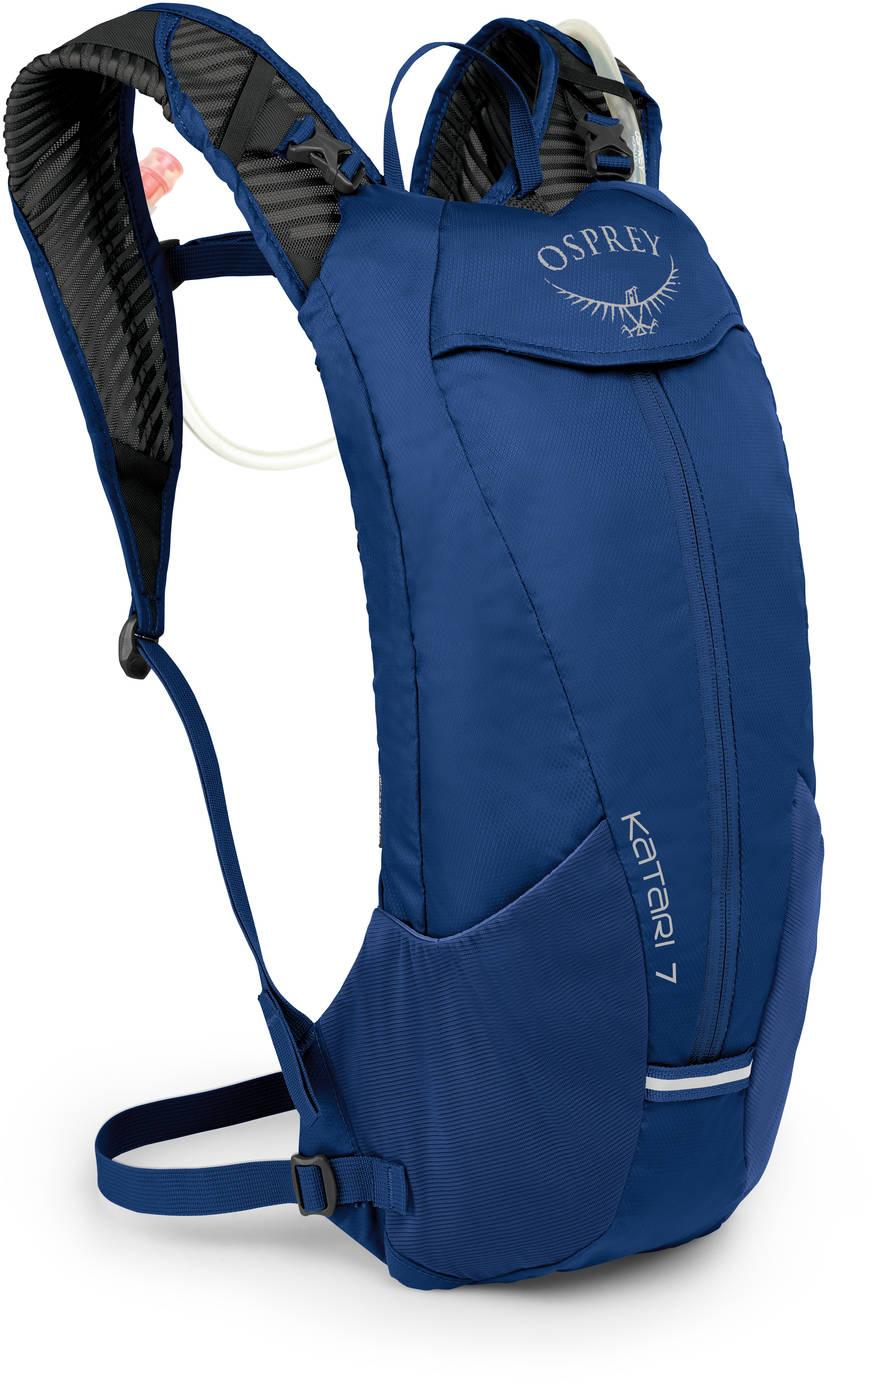 Рюкзаки для бега Рюкзак велосипедный Osprey Katari 7 Cobalt Blue Katari_7_S19_Side_Cobalt_Blue_web.jpg